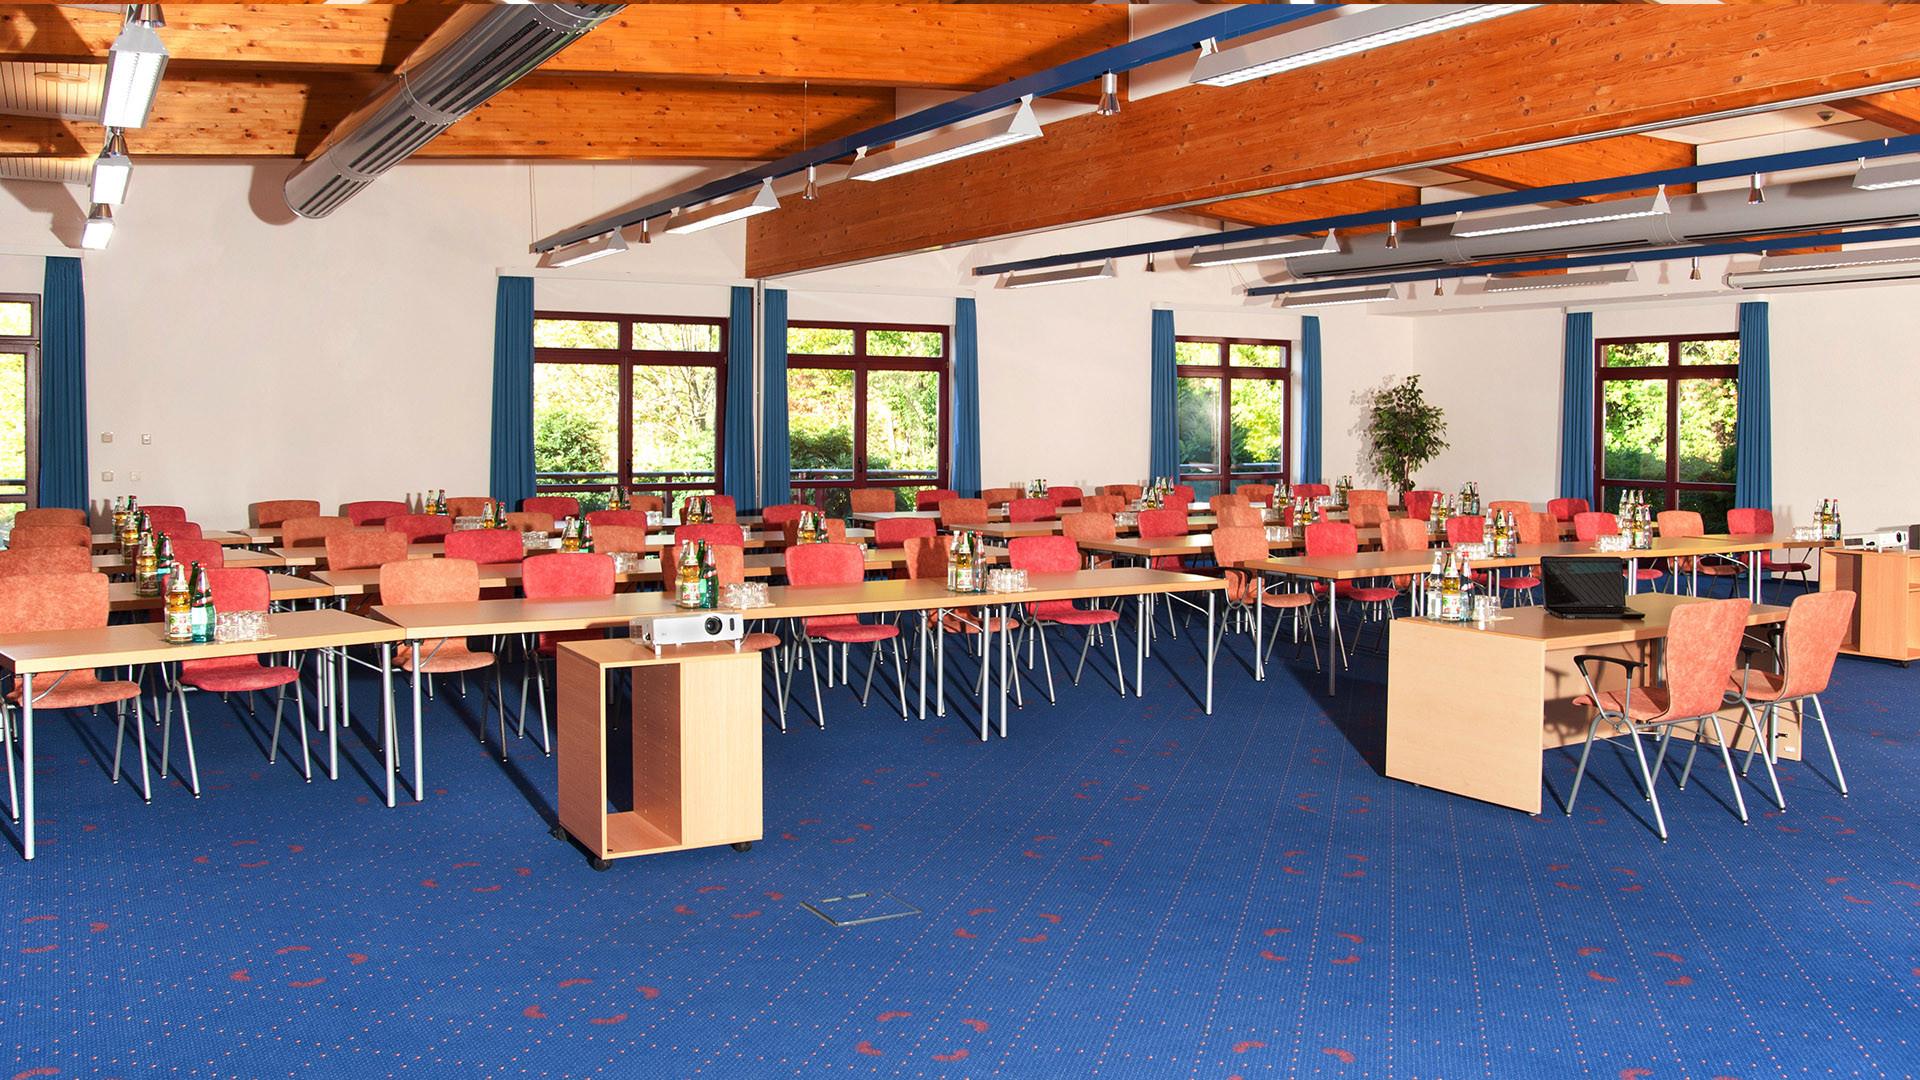 Eventlocation Frankfurt für bis zu 200 Personen |  Tagungen, Kongresse und Events mitten in Deutschland